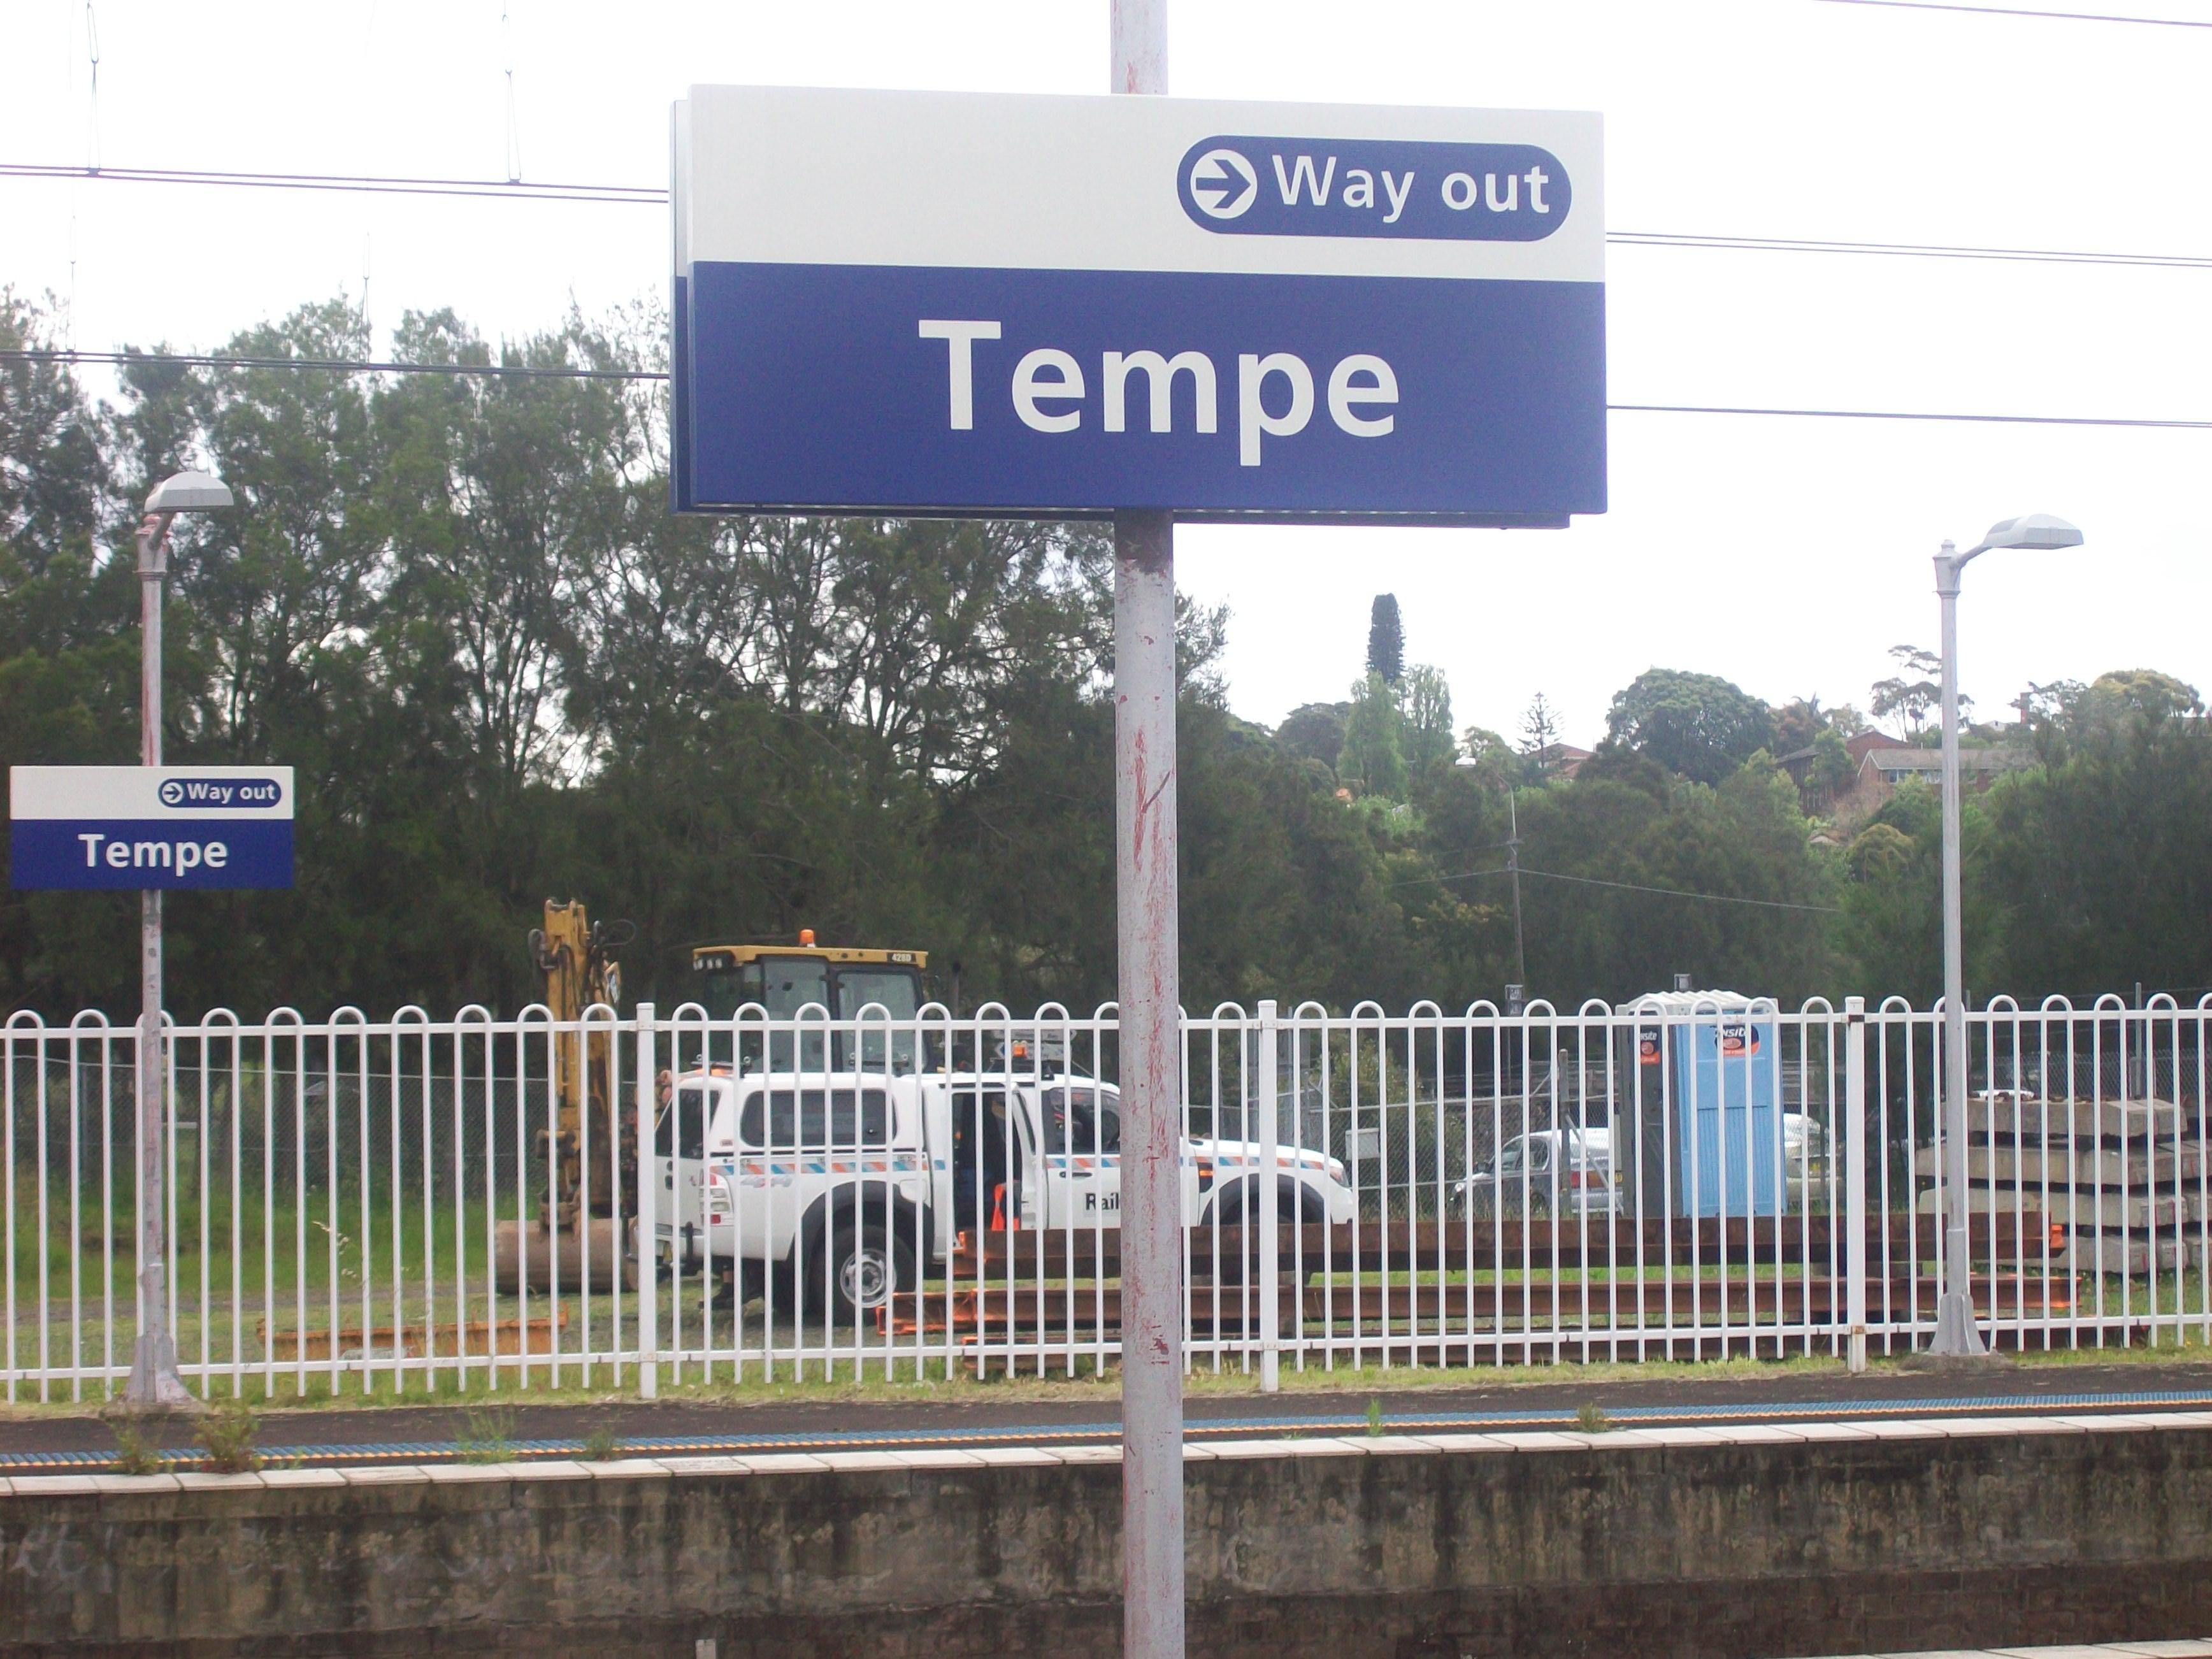 Filetempe Station Signjpg Wikimedia Commons